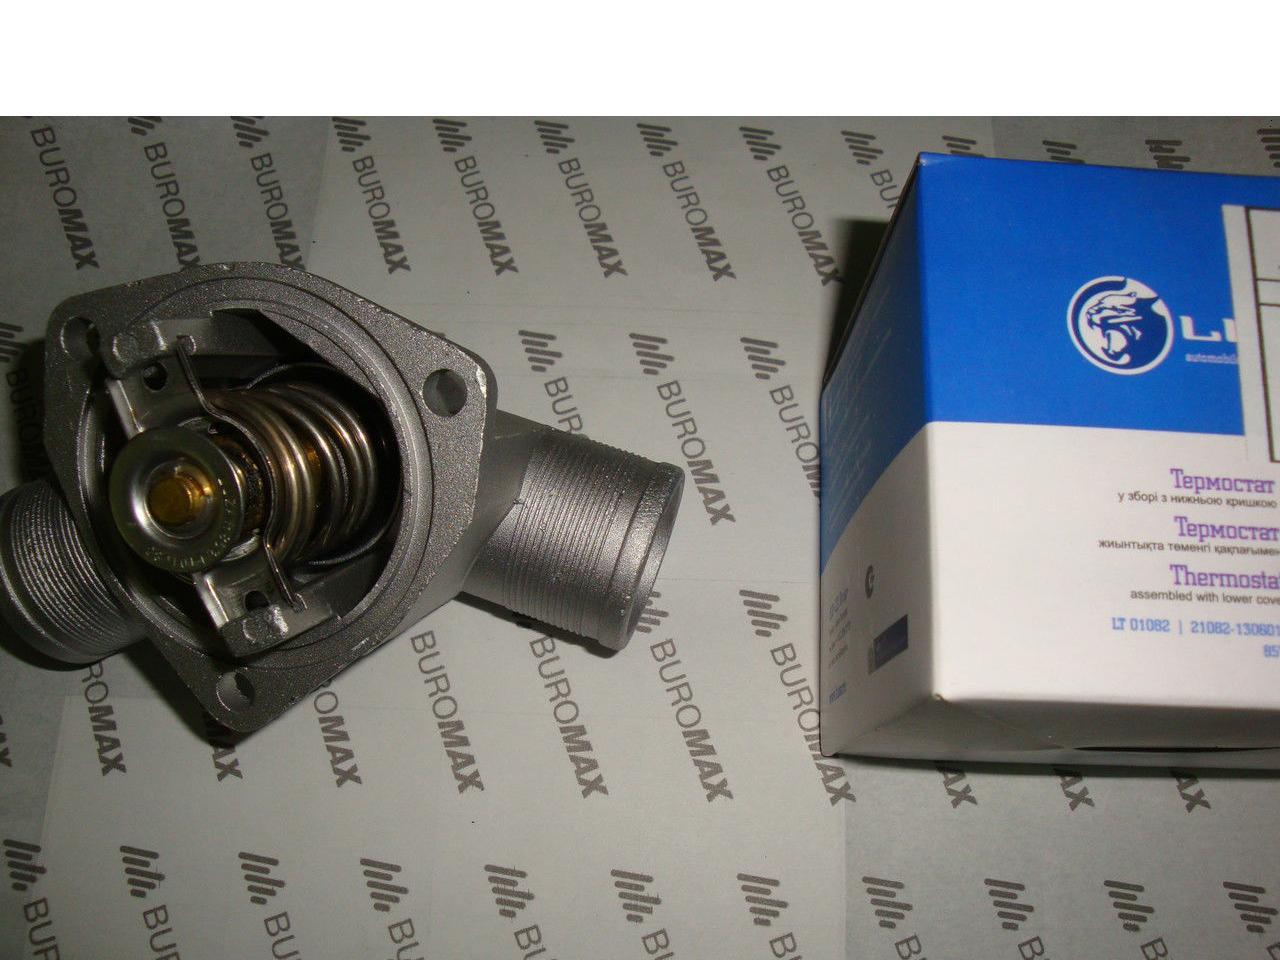 Термостат ВАЗ 2109-099, 2113-2115 LUZAR, Лузар (крышка + темоэлемент)